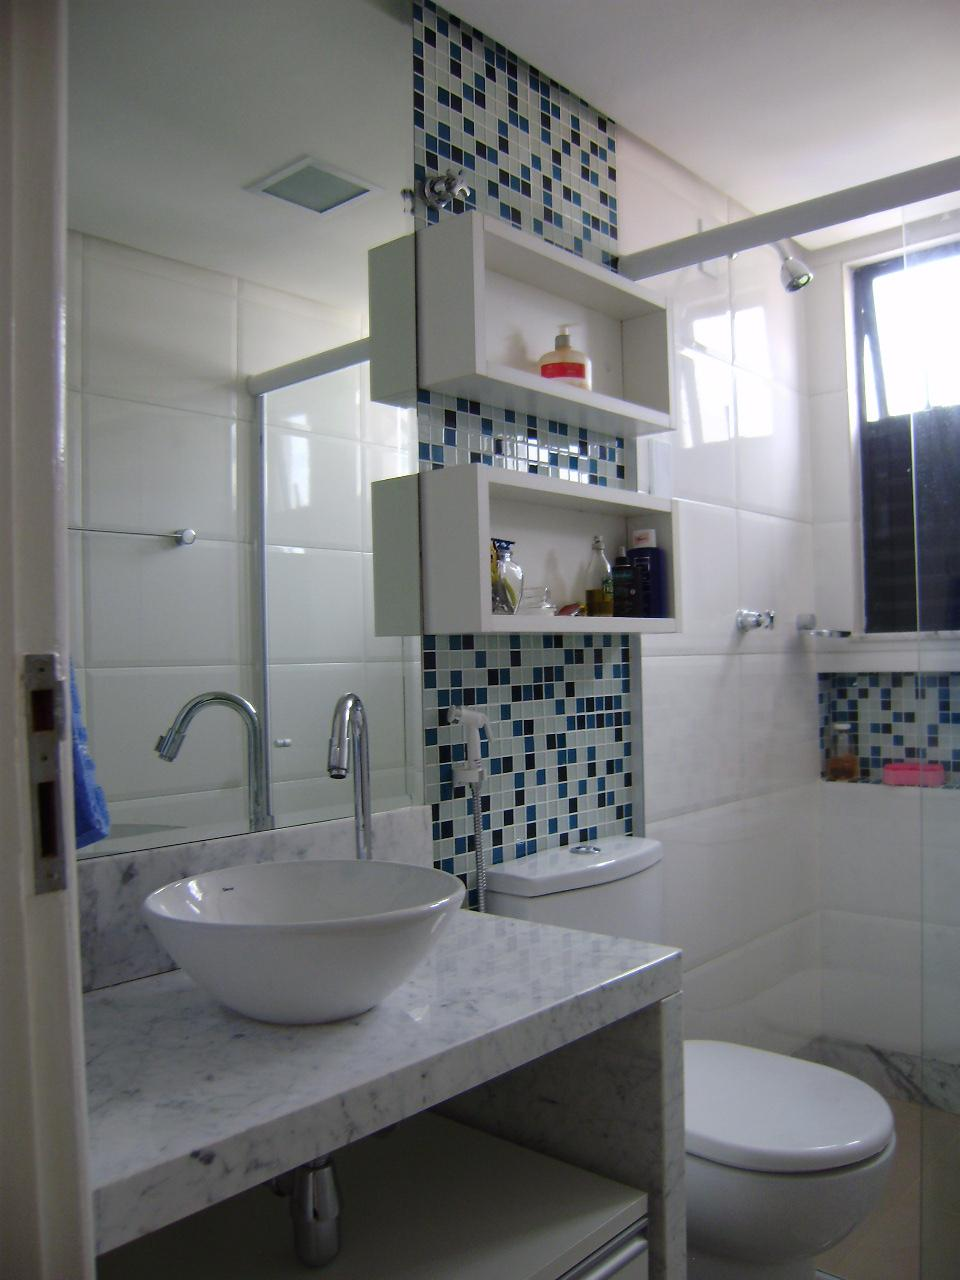 Dicas de Decorao para Banheiros Pequenos